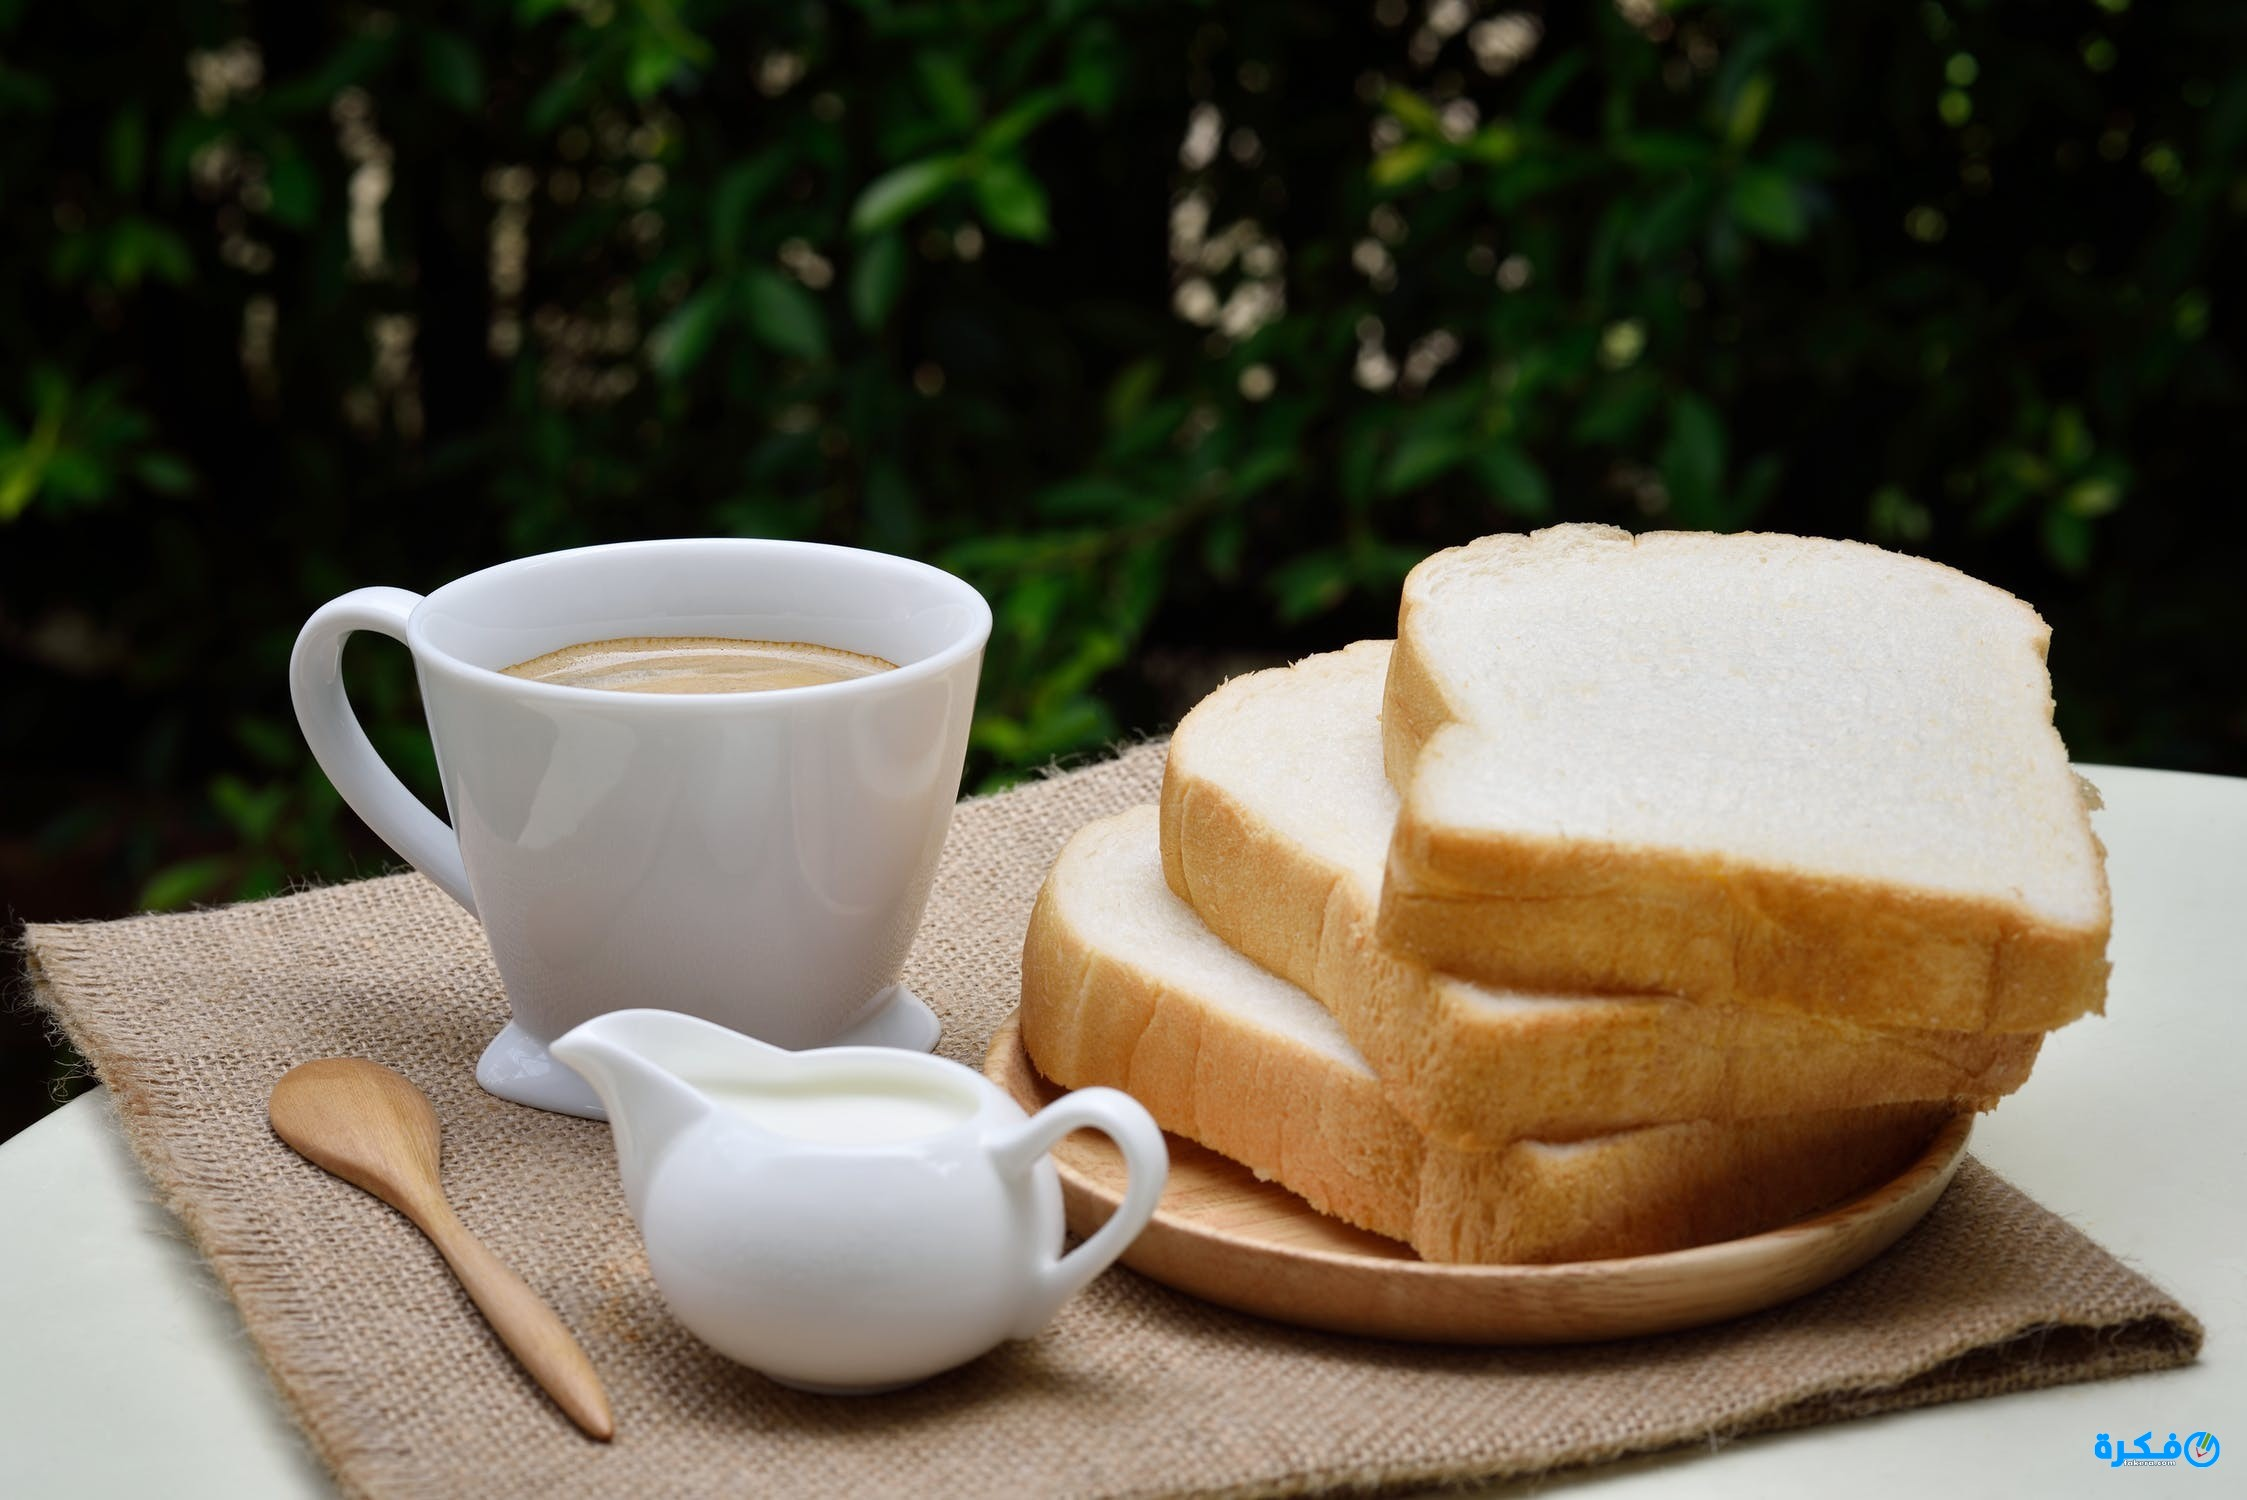 تفسير رؤية شراء الخبز